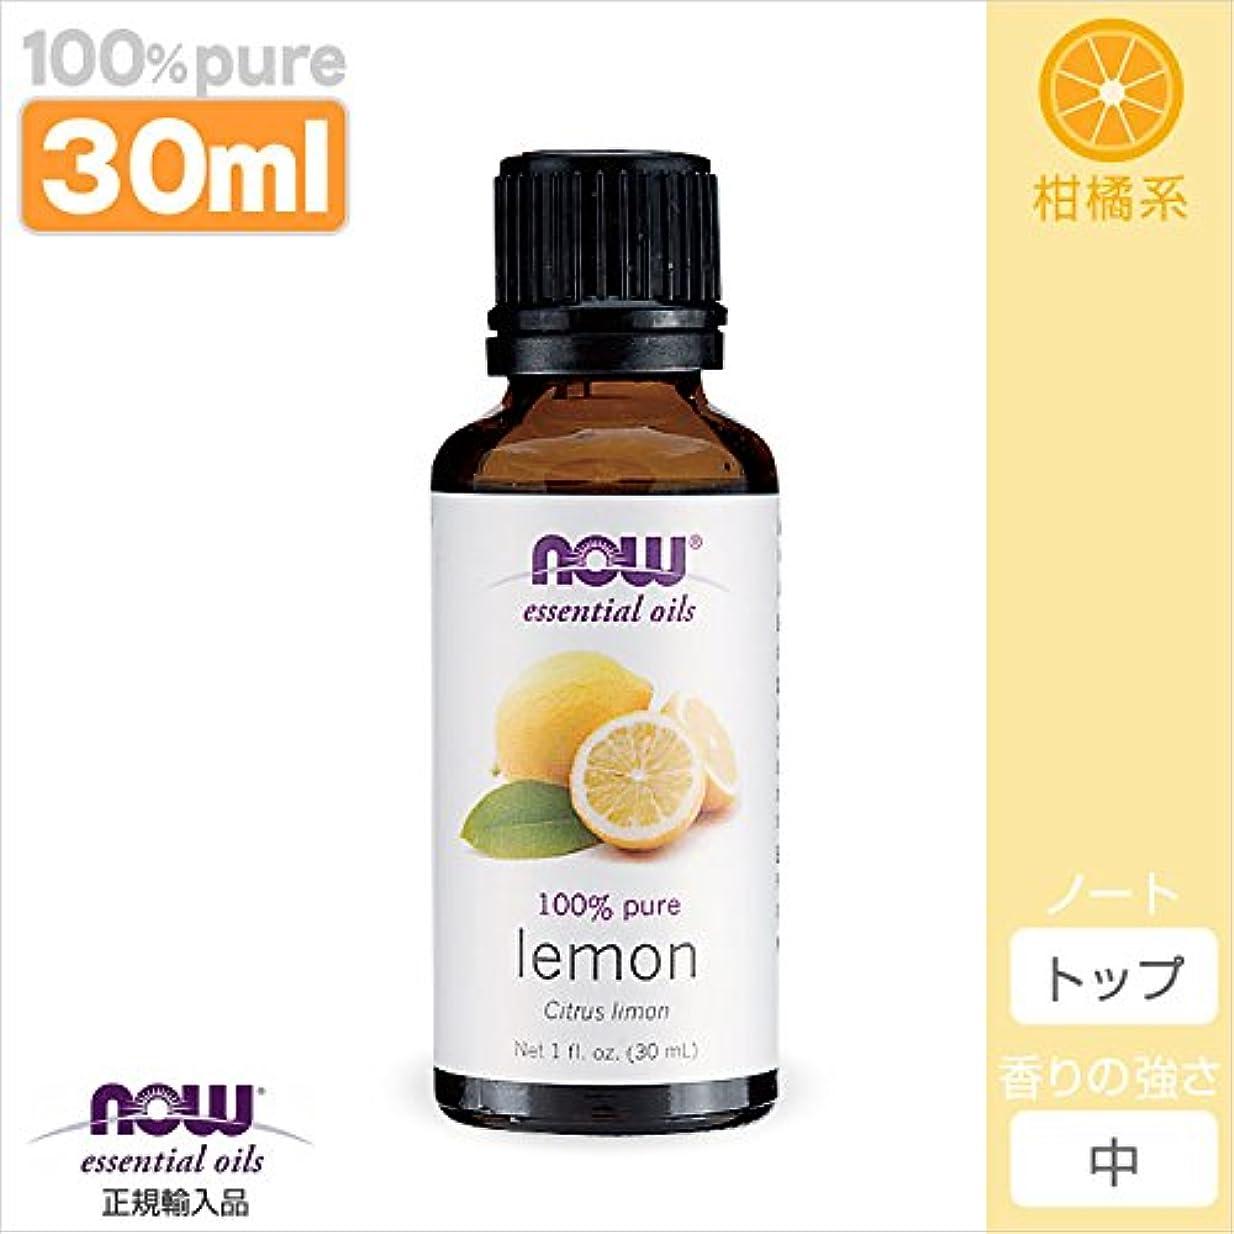 サバント眉をひそめるパンフレットレモン 精油[30ml] 【正規輸入品】 NOWエッセンシャルオイル(アロマオイル)